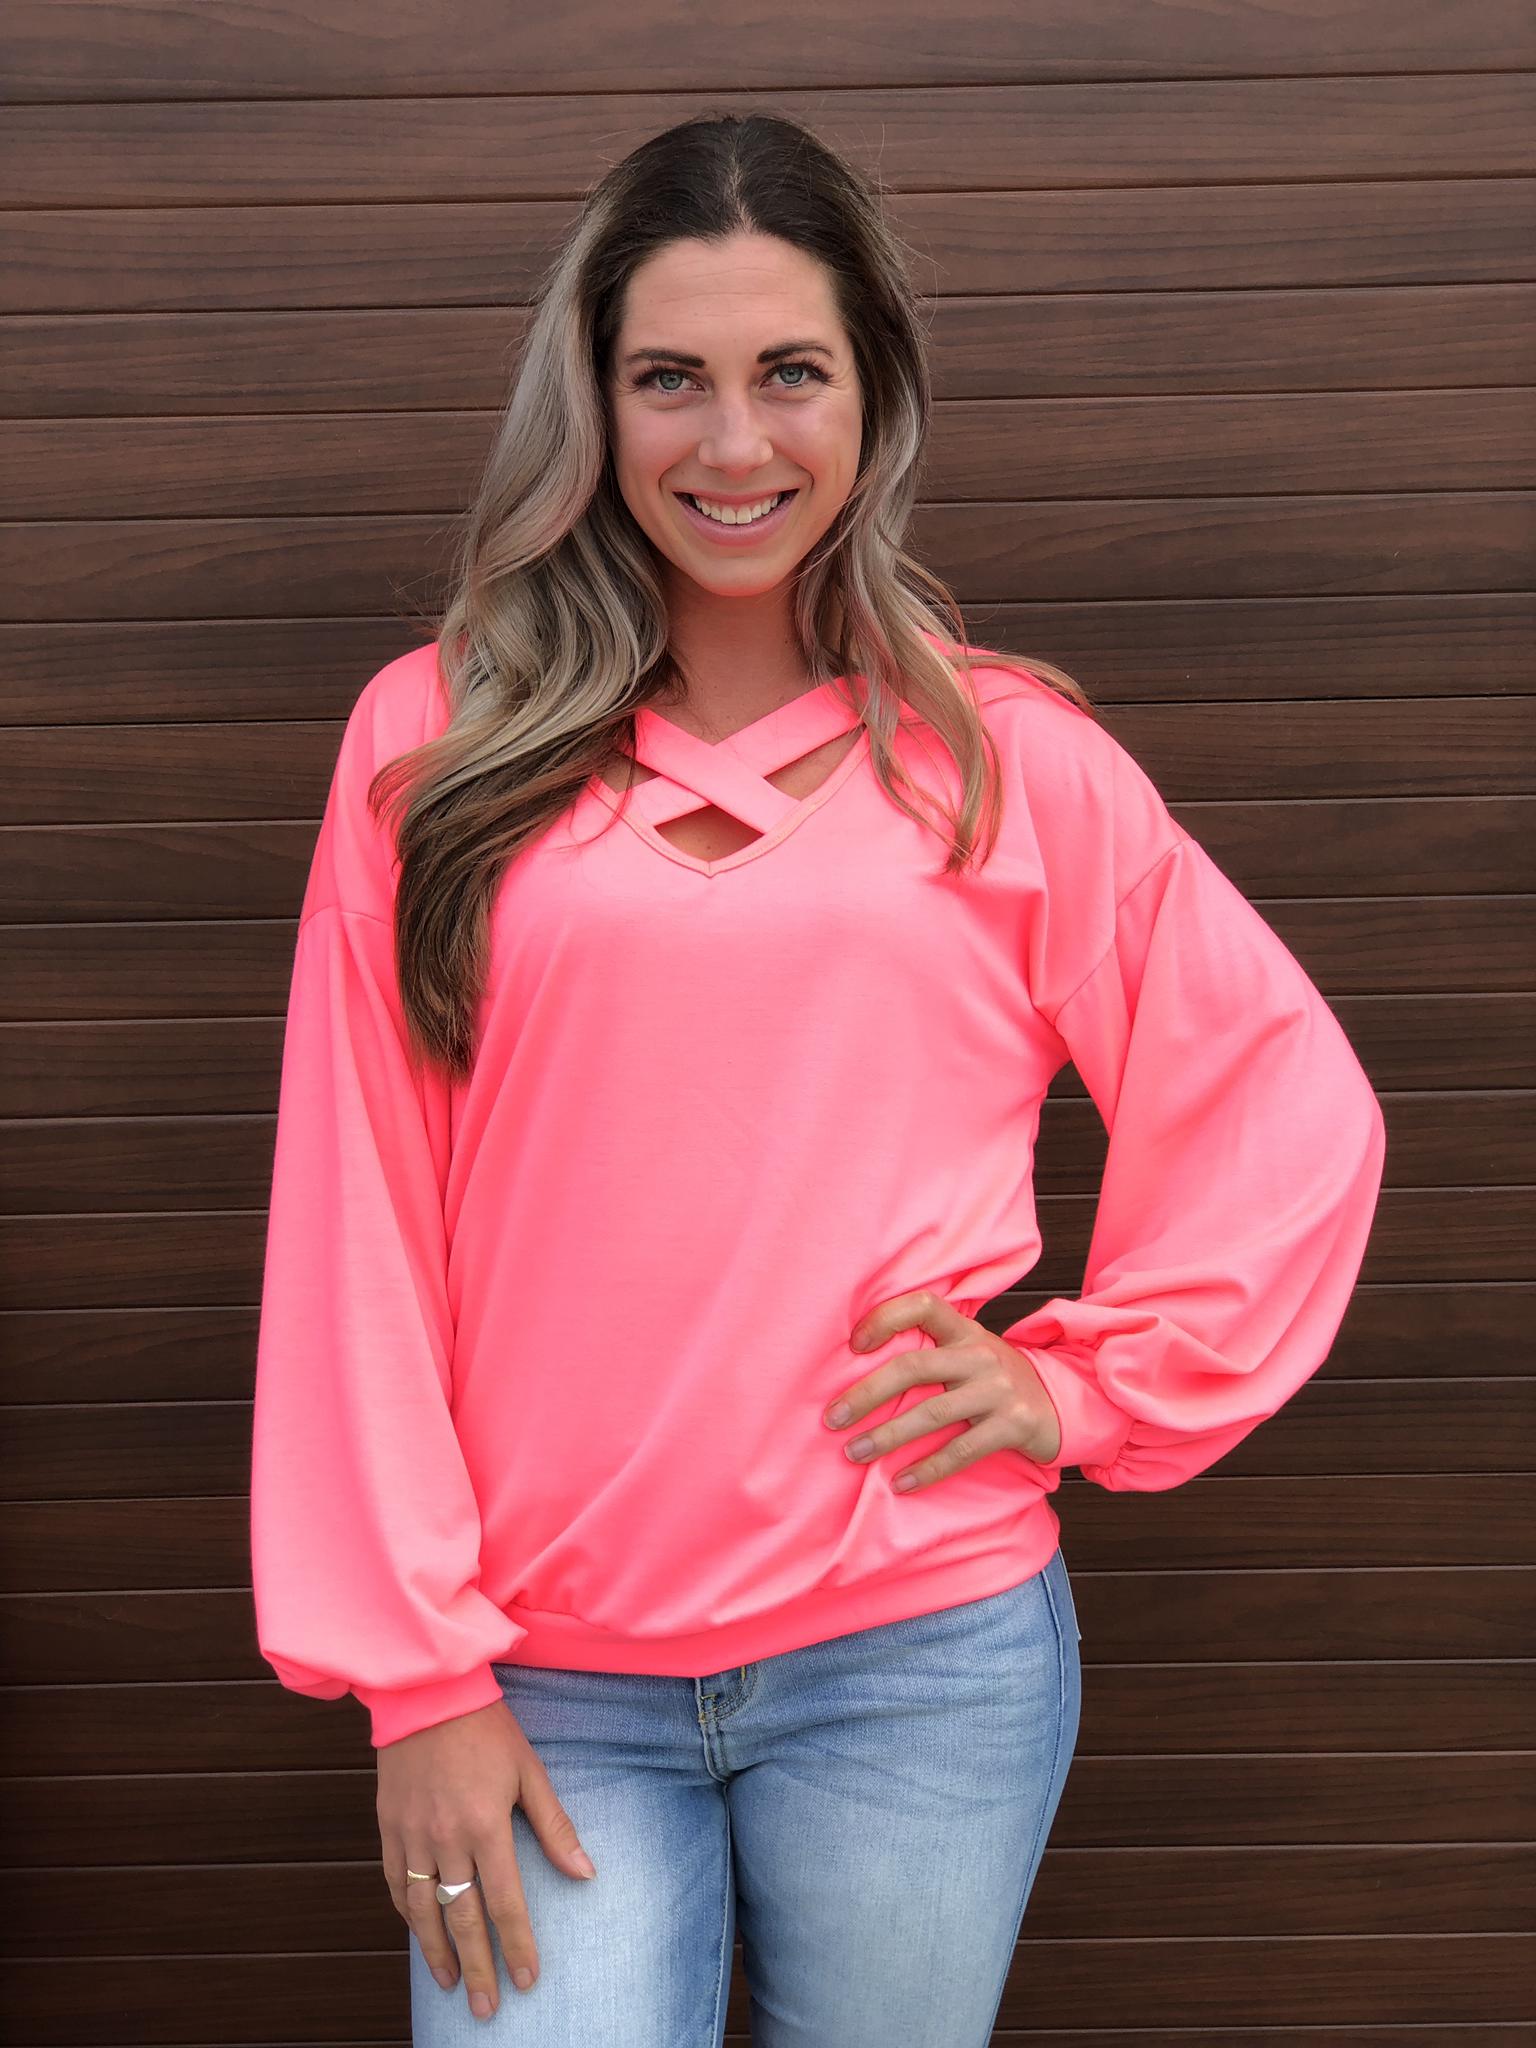 Spring Criss Cross Sweatshirt - Neon Pink 82591